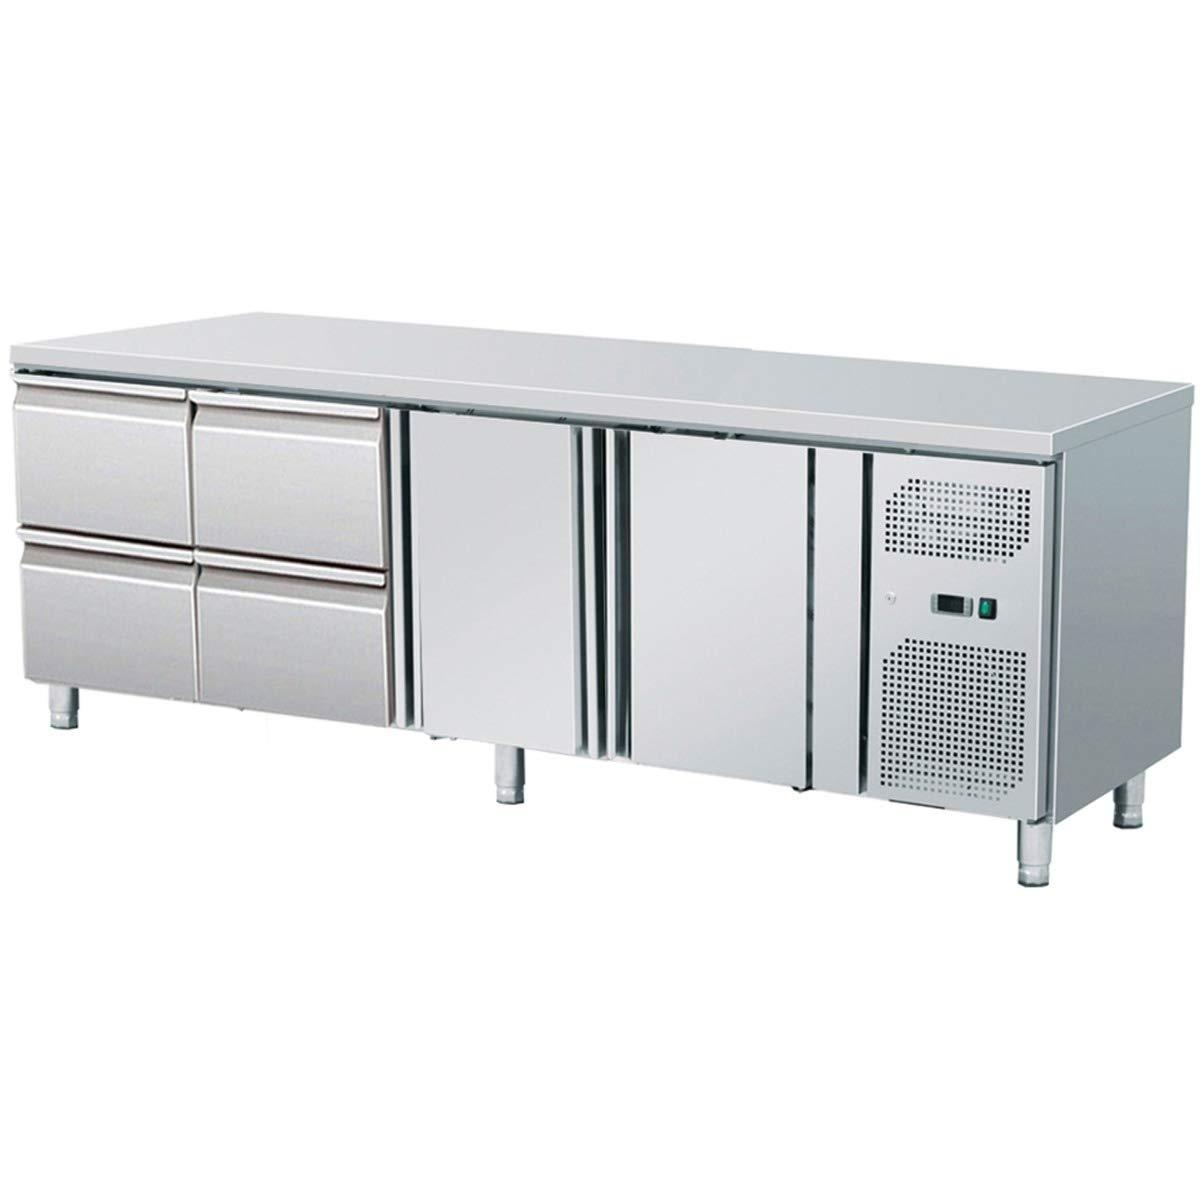 ZORRO - Kü hltisch mit Fü ß en ZGN 4140 TN - 2 Tü ren - 4 Schubladen - Gastro Zubereitungstisch mit Arbeitsflä che - R600A - Digitales Thermostat - Umluftkü hlung